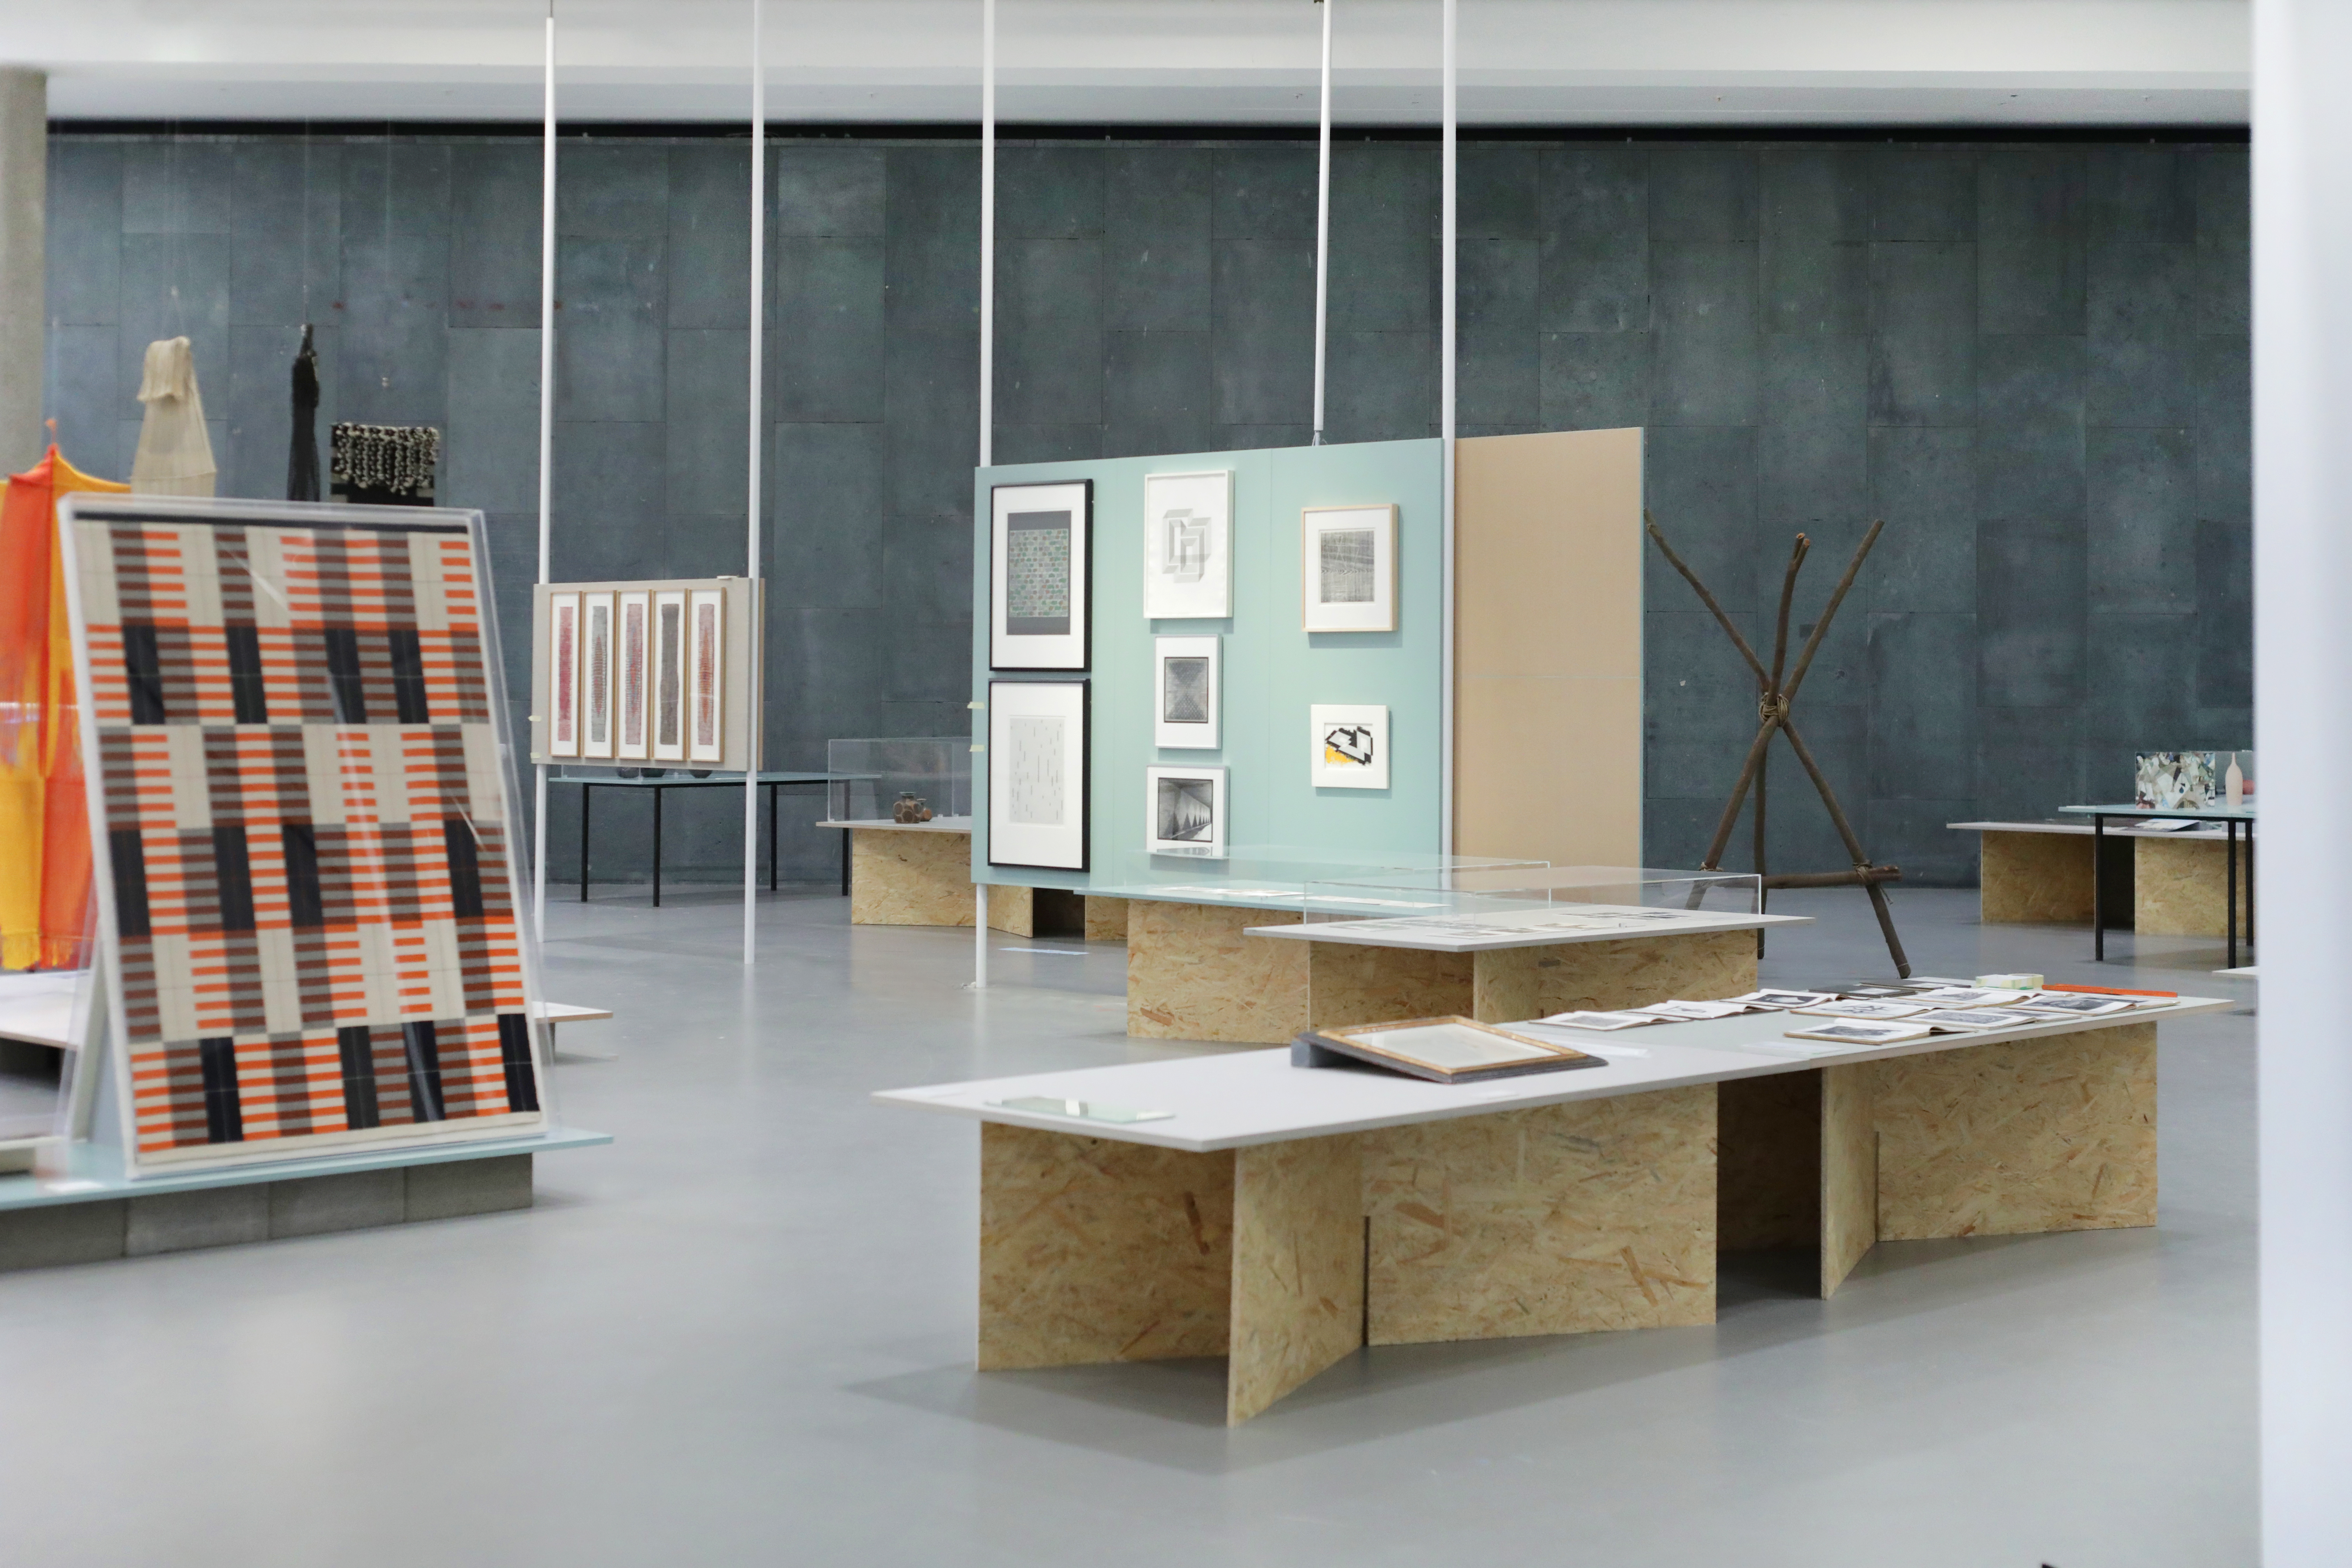 Bauhaus Imaginista at HKW © Silke Briel / HKW